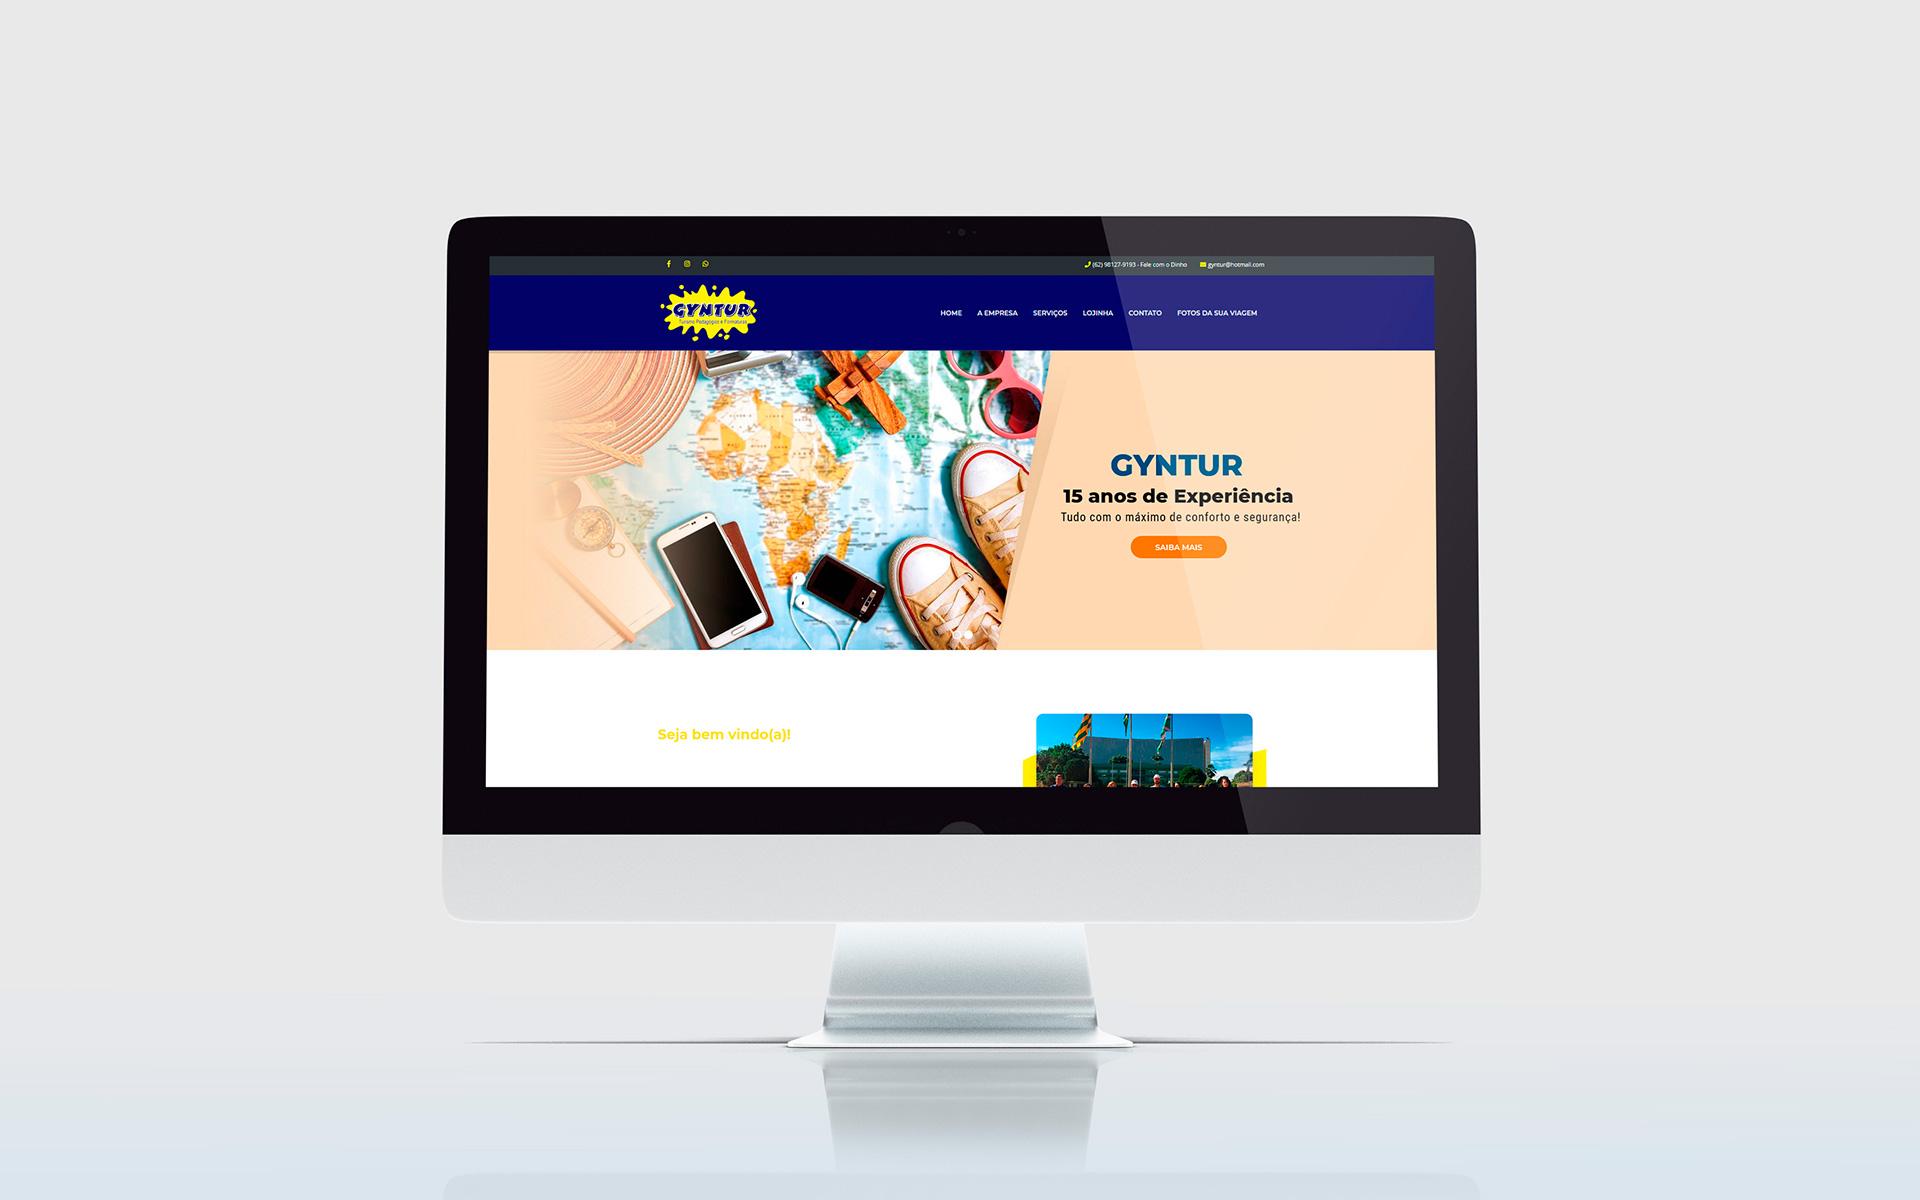 gyntur - criação de sites - Buenosites